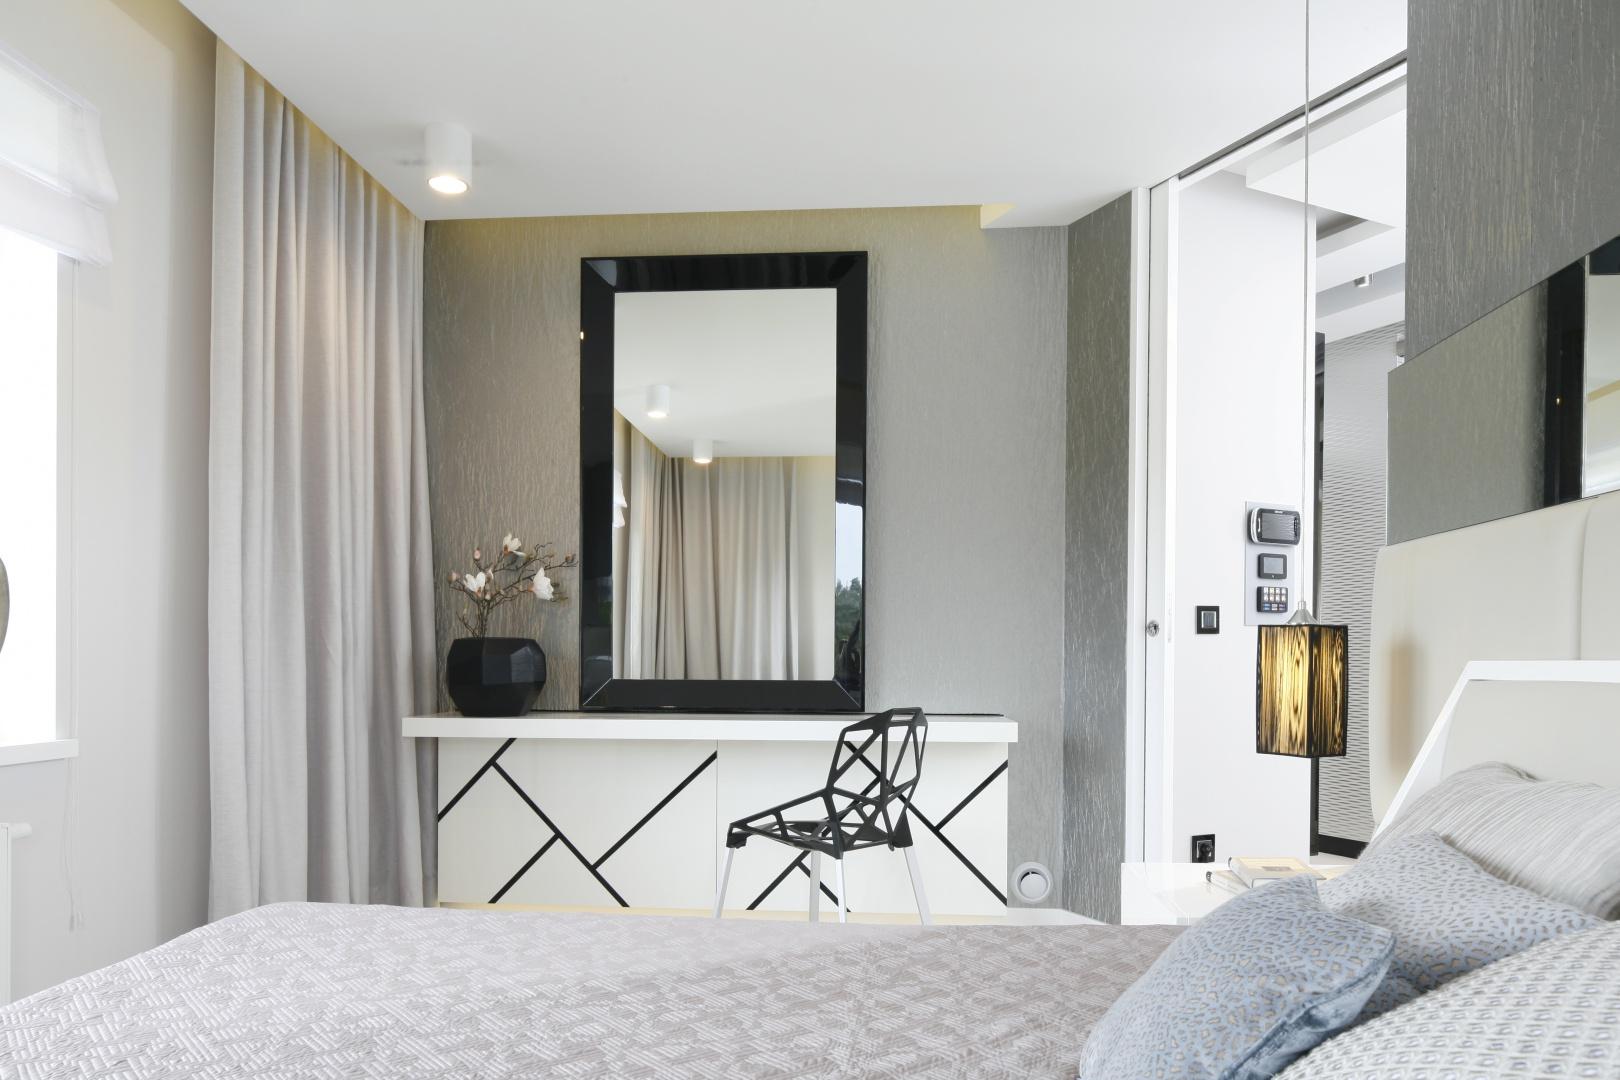 Nowoczesna, jasna sypialnia jest wprost stworzona do relaksu. Projekt: Agnieszka Hajdas-Obajtek. Fot. Bartosz Jarosz